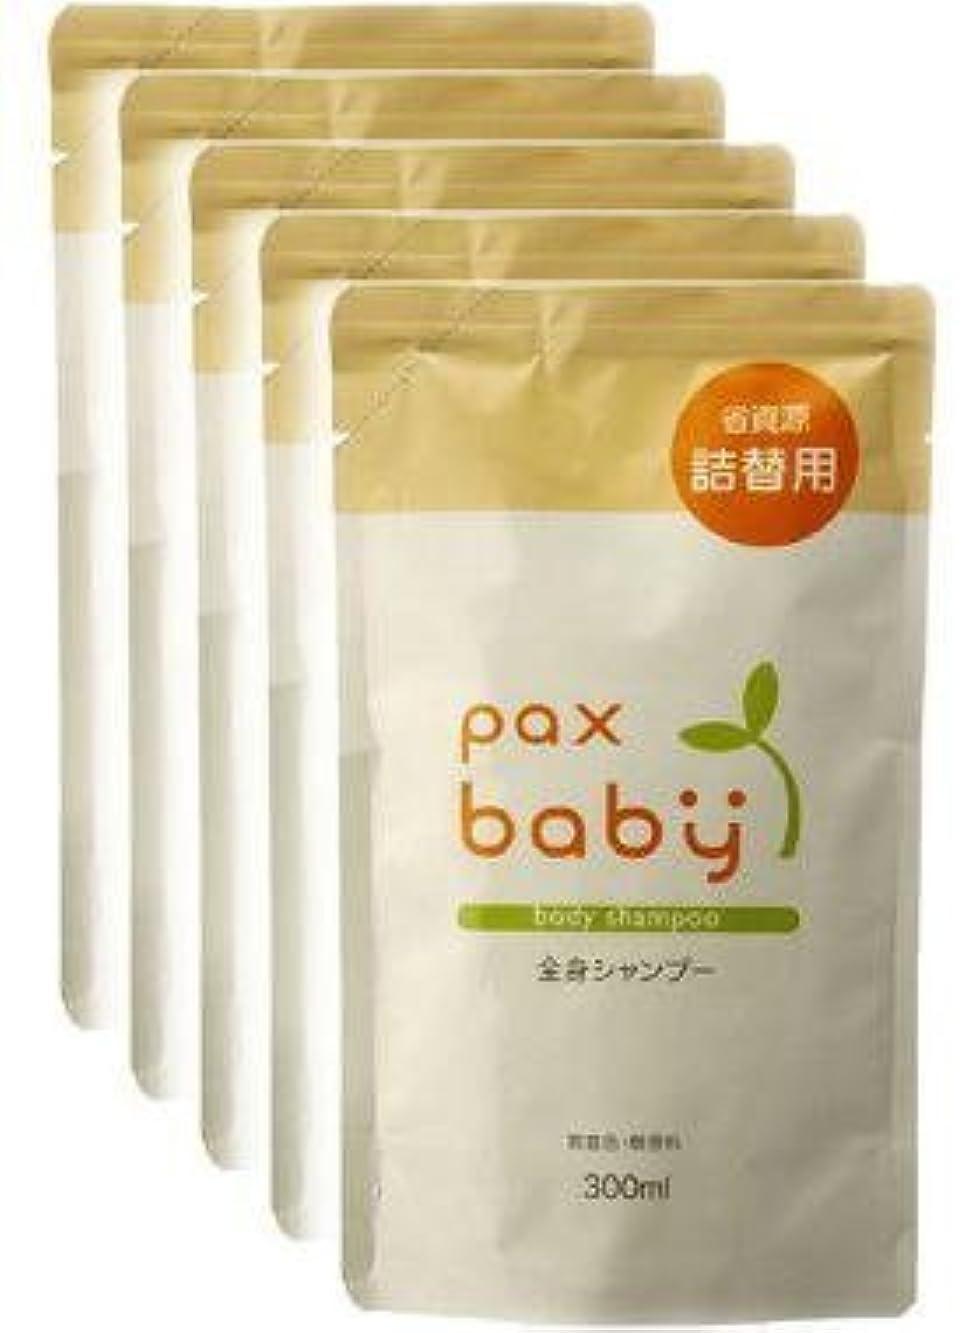 潤滑する腹痛ヤングパックスベビー 全身シャンプー 詰替用 300ml 5個セット